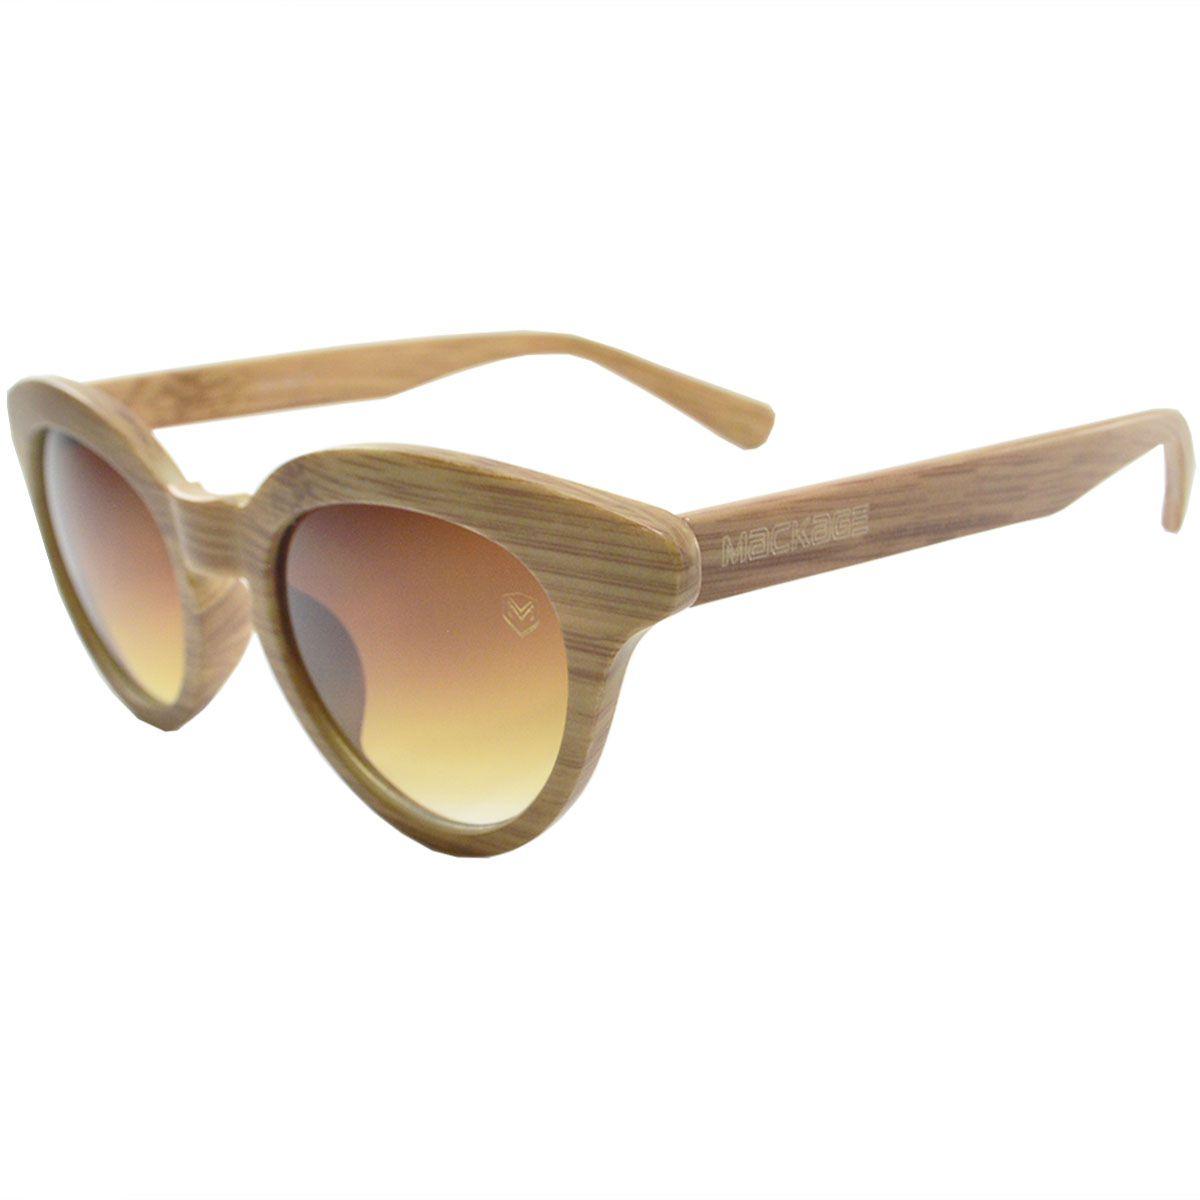 Óculos De Sol Mackage Feminino Acetato Gateado Acabamento Madeirado